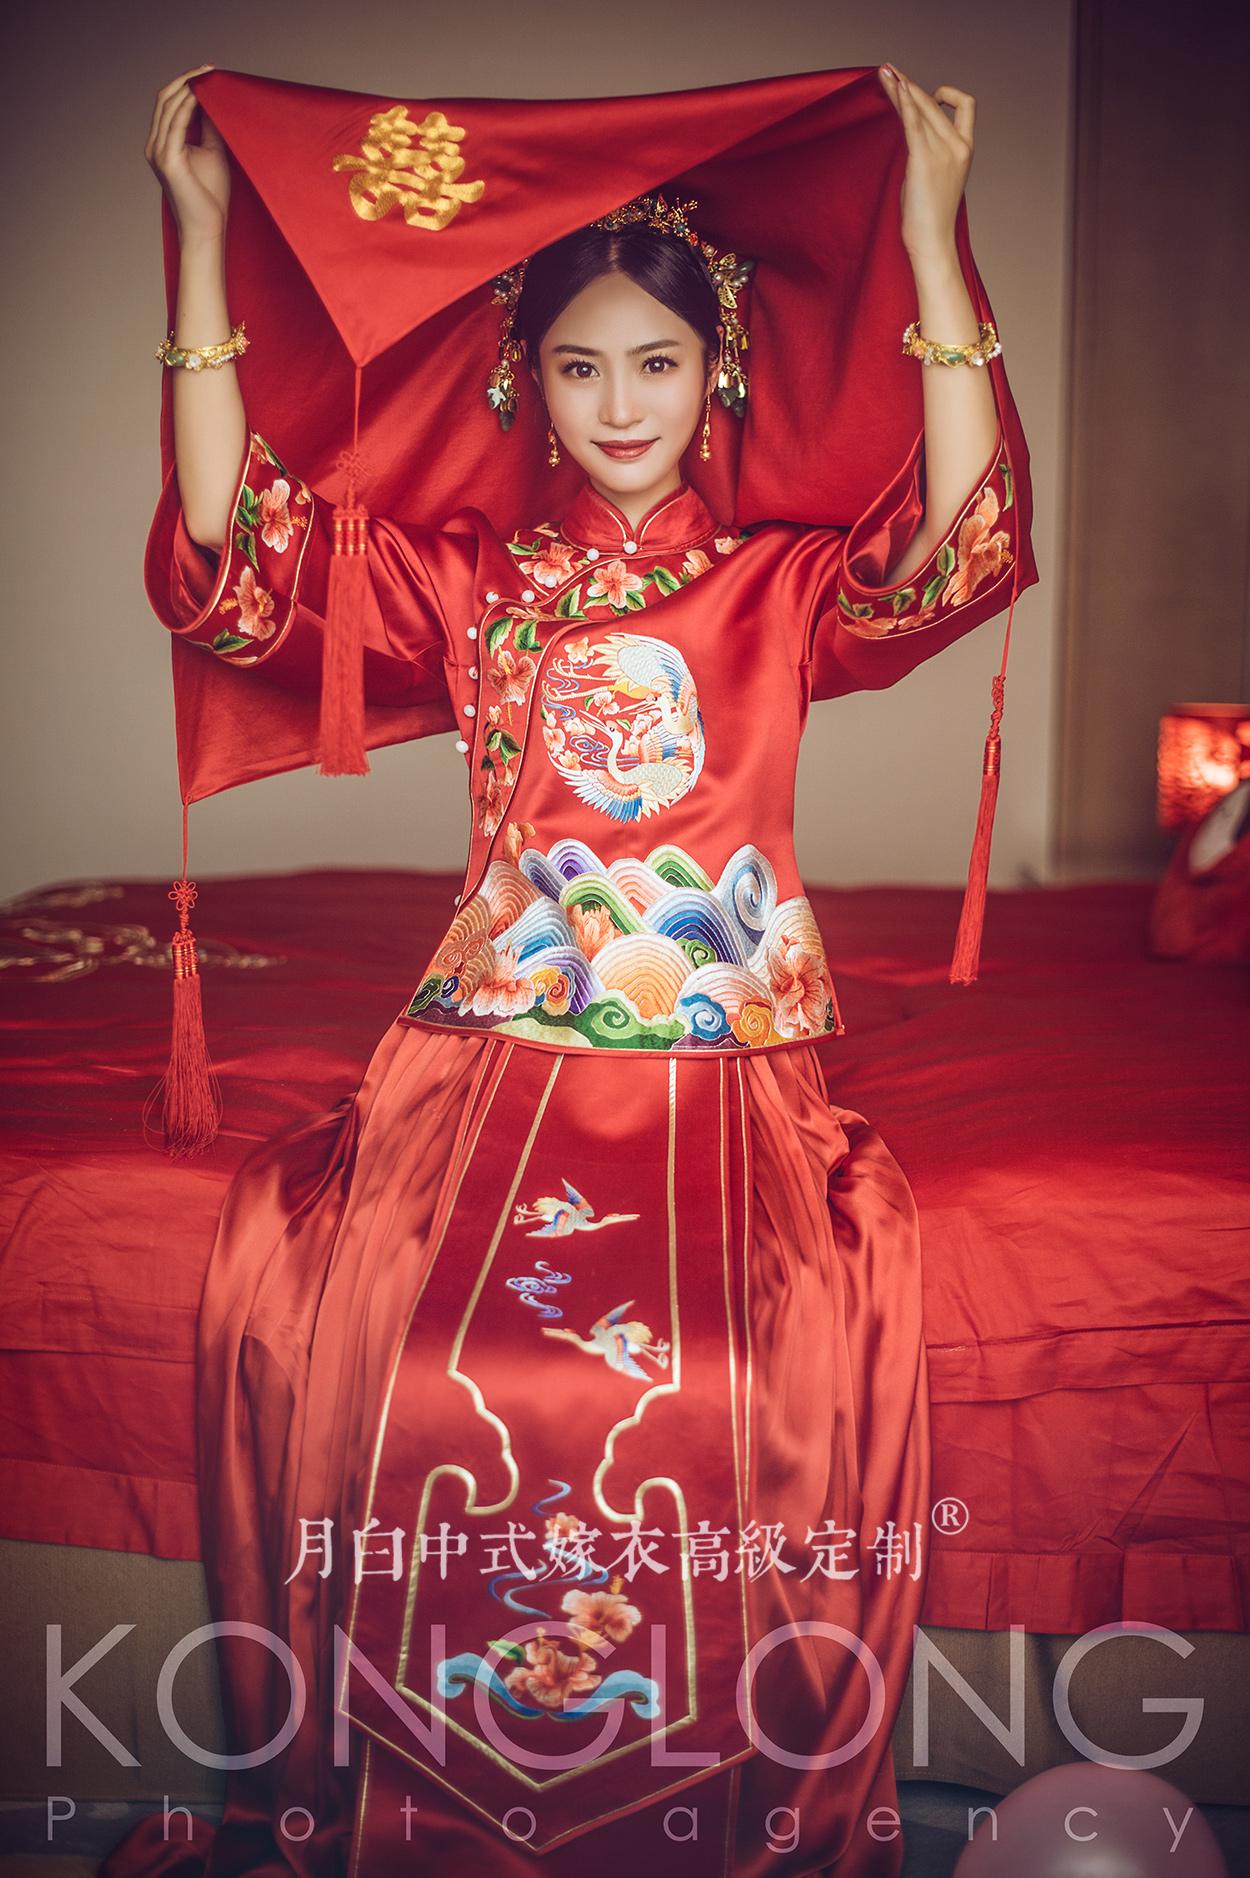 中式吉服/喜服:祥瑞如意·芳华